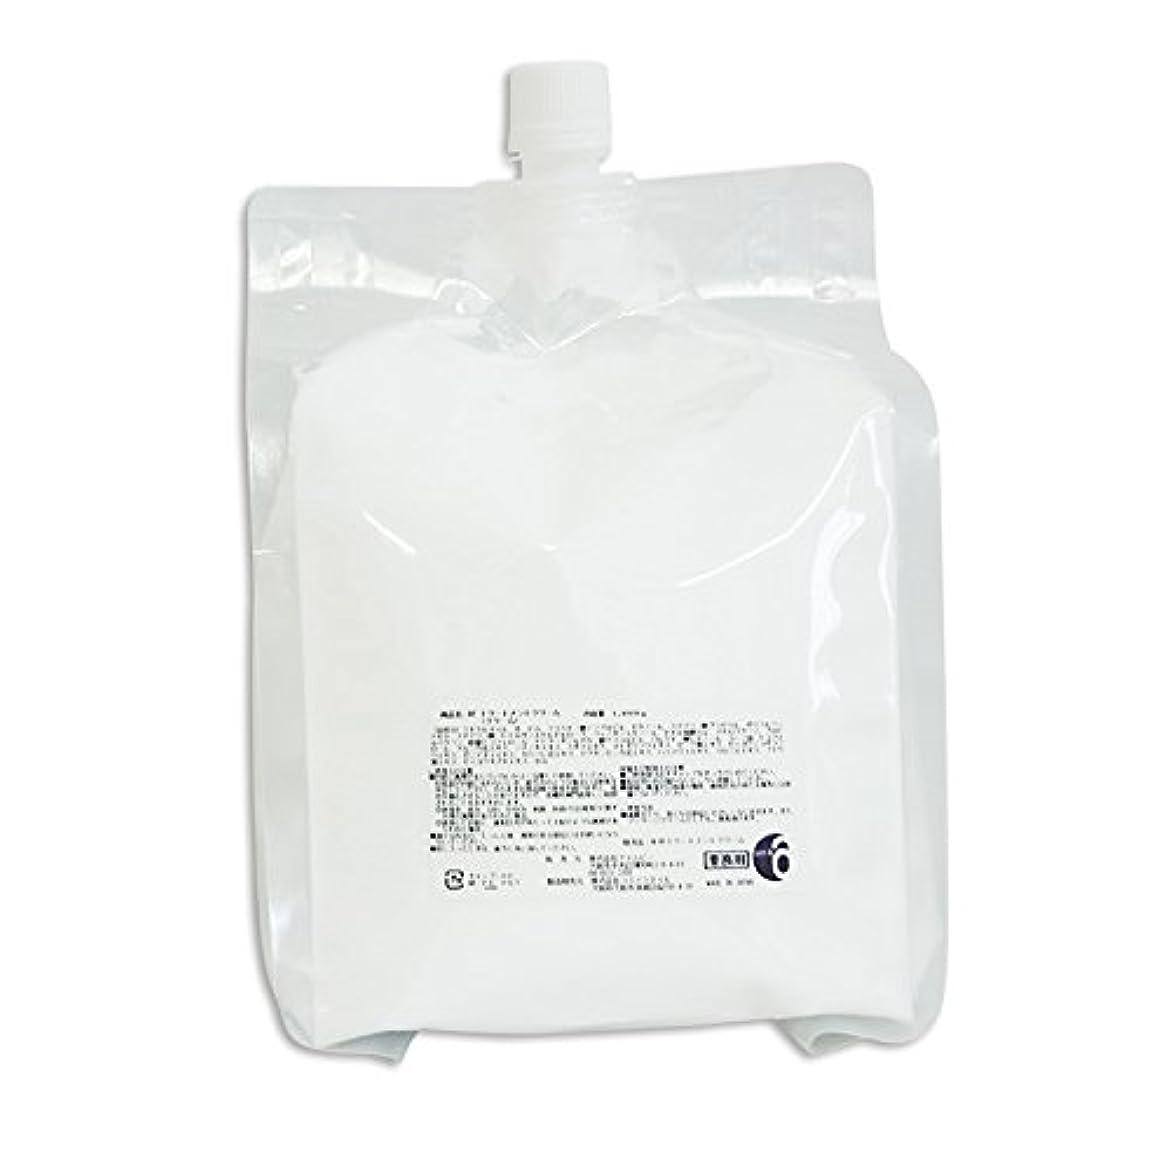 警戒熱心なコンパニオン業務用 高品質 RFトリートメントクリーム1.9kg【日本製】ラジオ波用クリーム